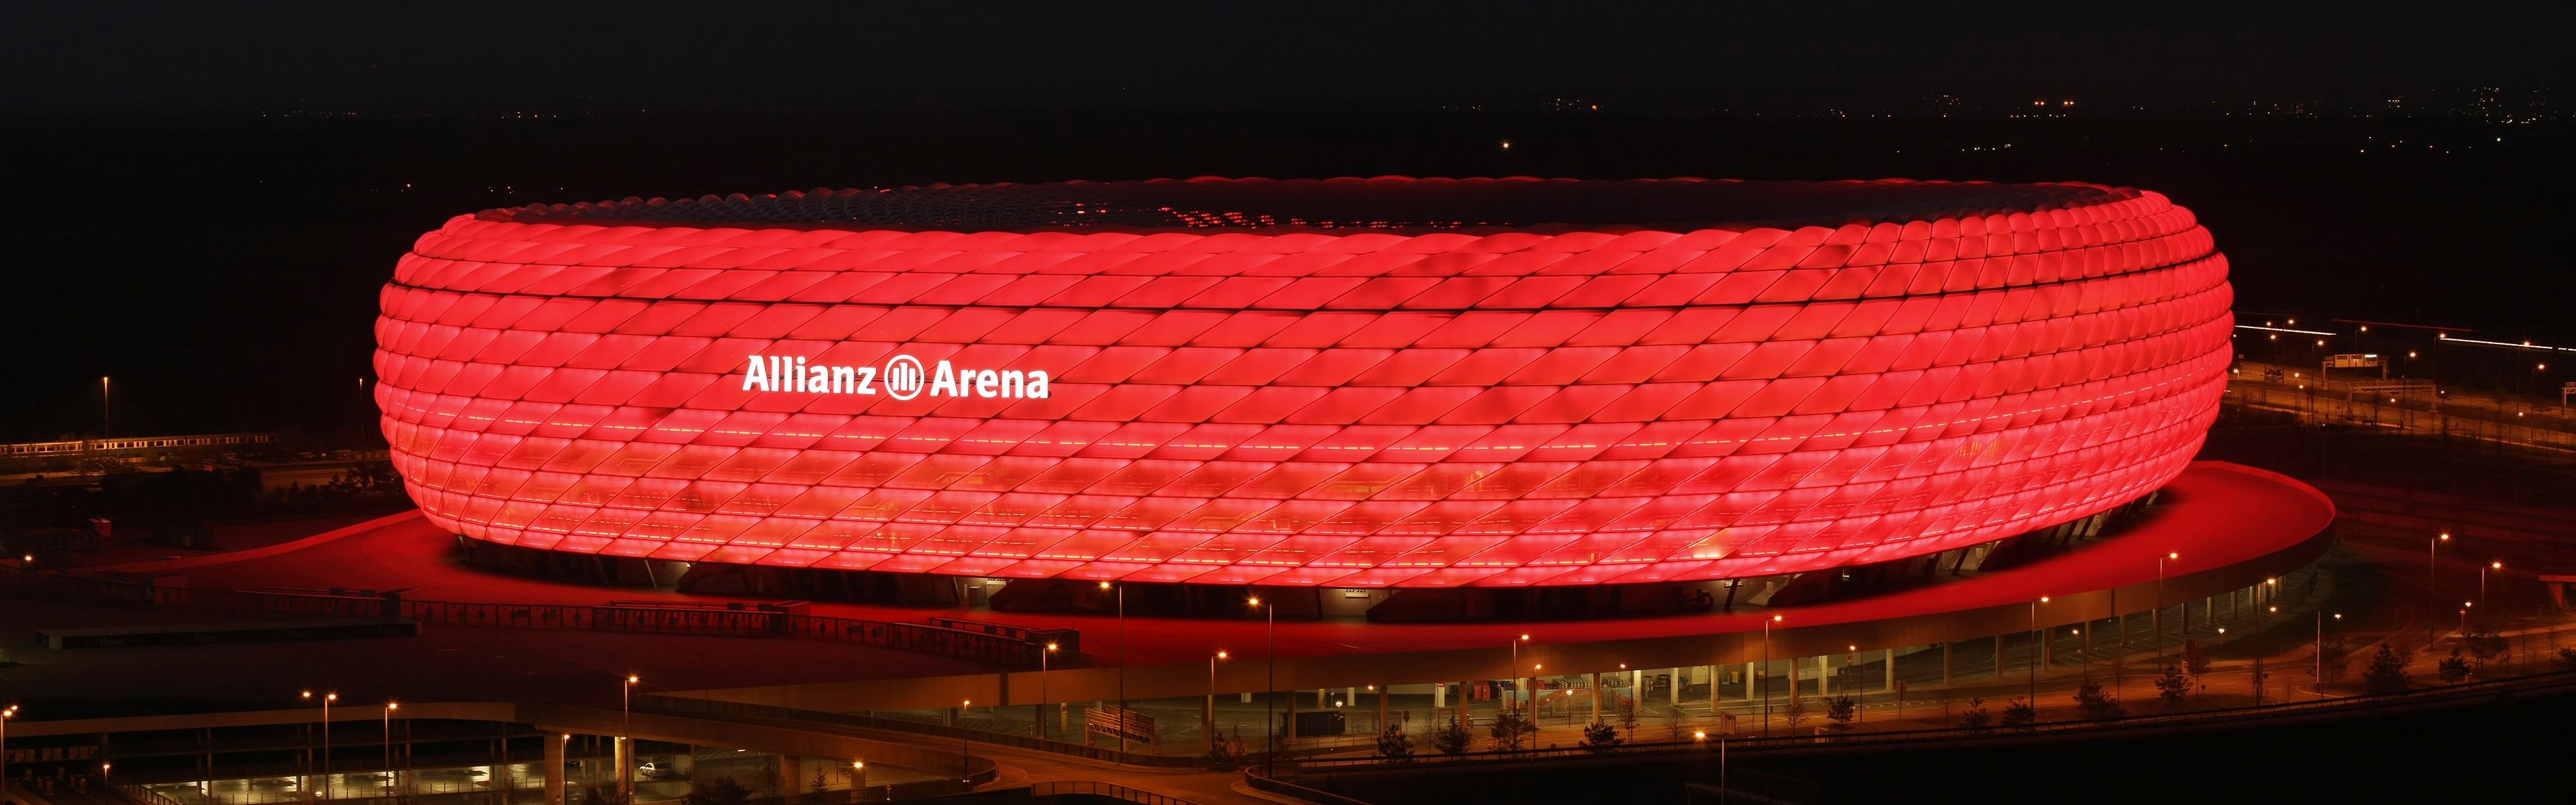 Hintergrundbilder : Beleuchtung, Nacht-, Doppelmonitoren, Fußball ...